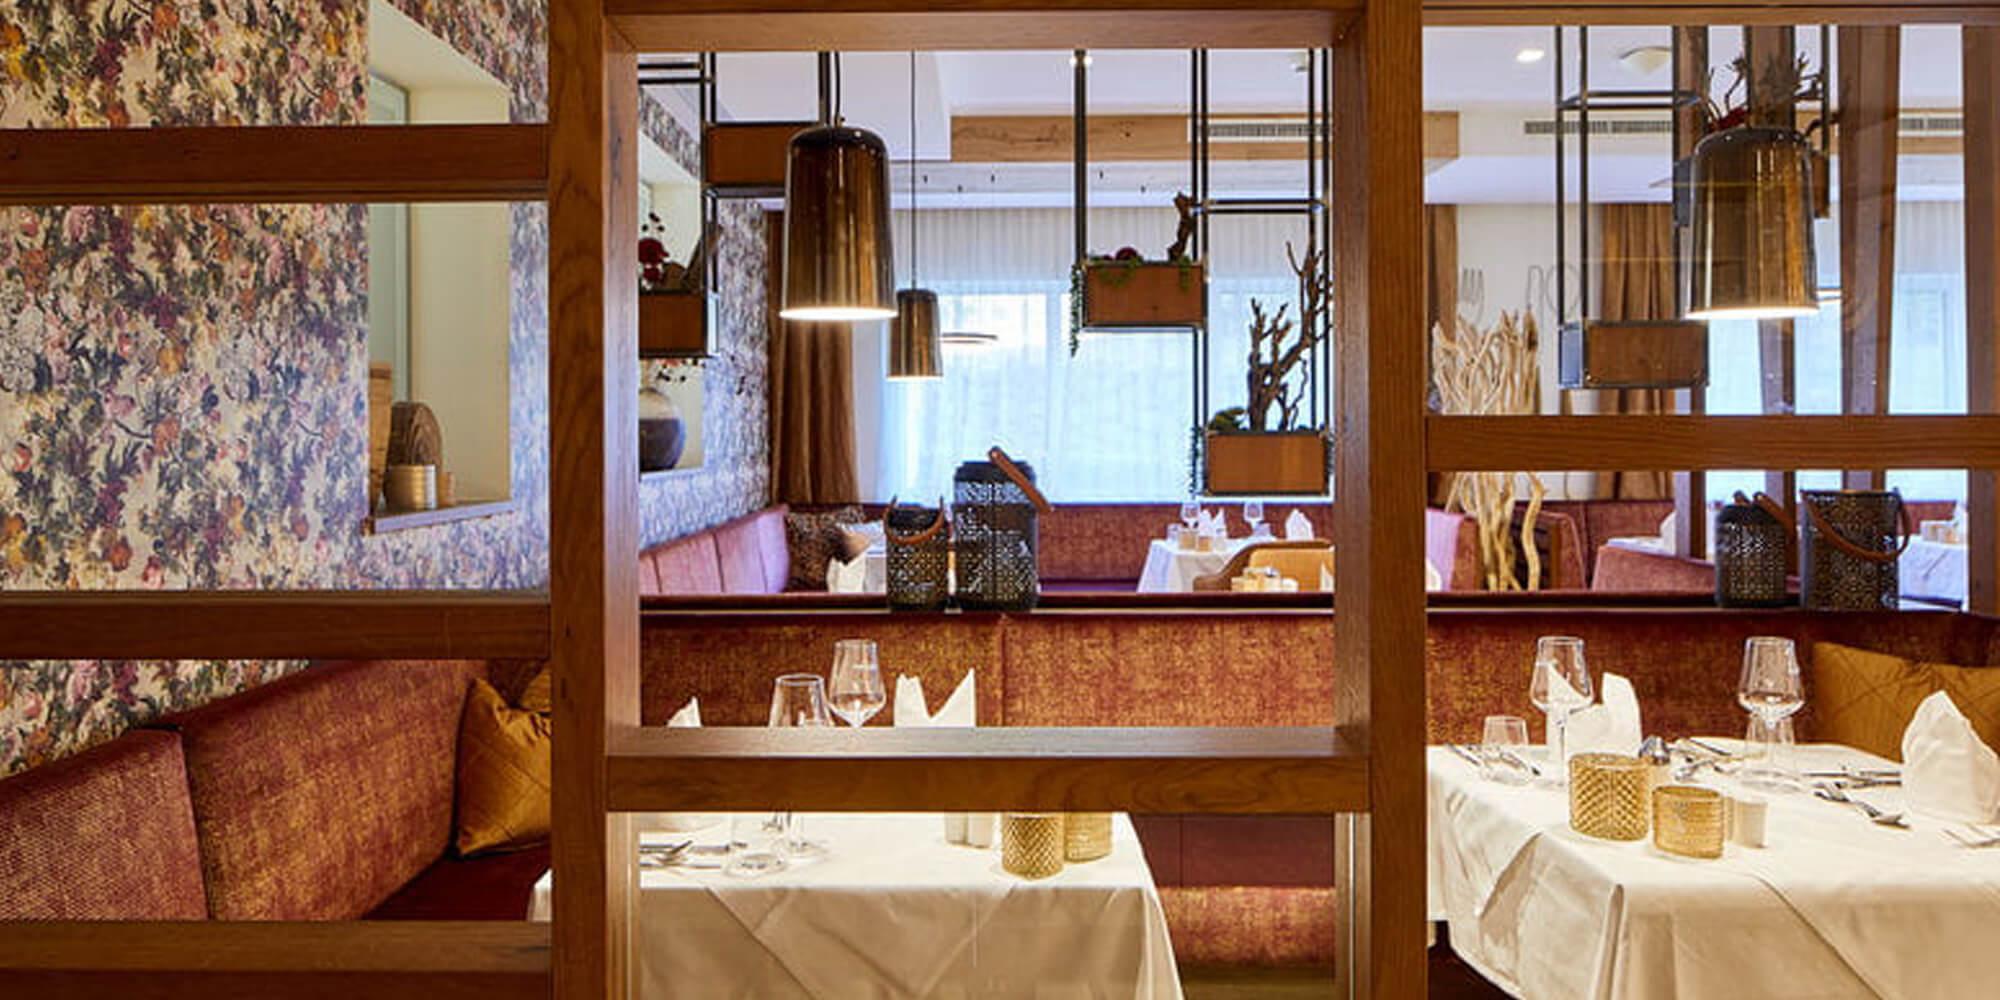 Crea-Plan-Design-Rauch-Frühmann-Architektur-Innenarchitektur-Design-Projekt-Referenz-Hotelerie-Gastronomie-Hotel-Guglwald-Restaurant-E